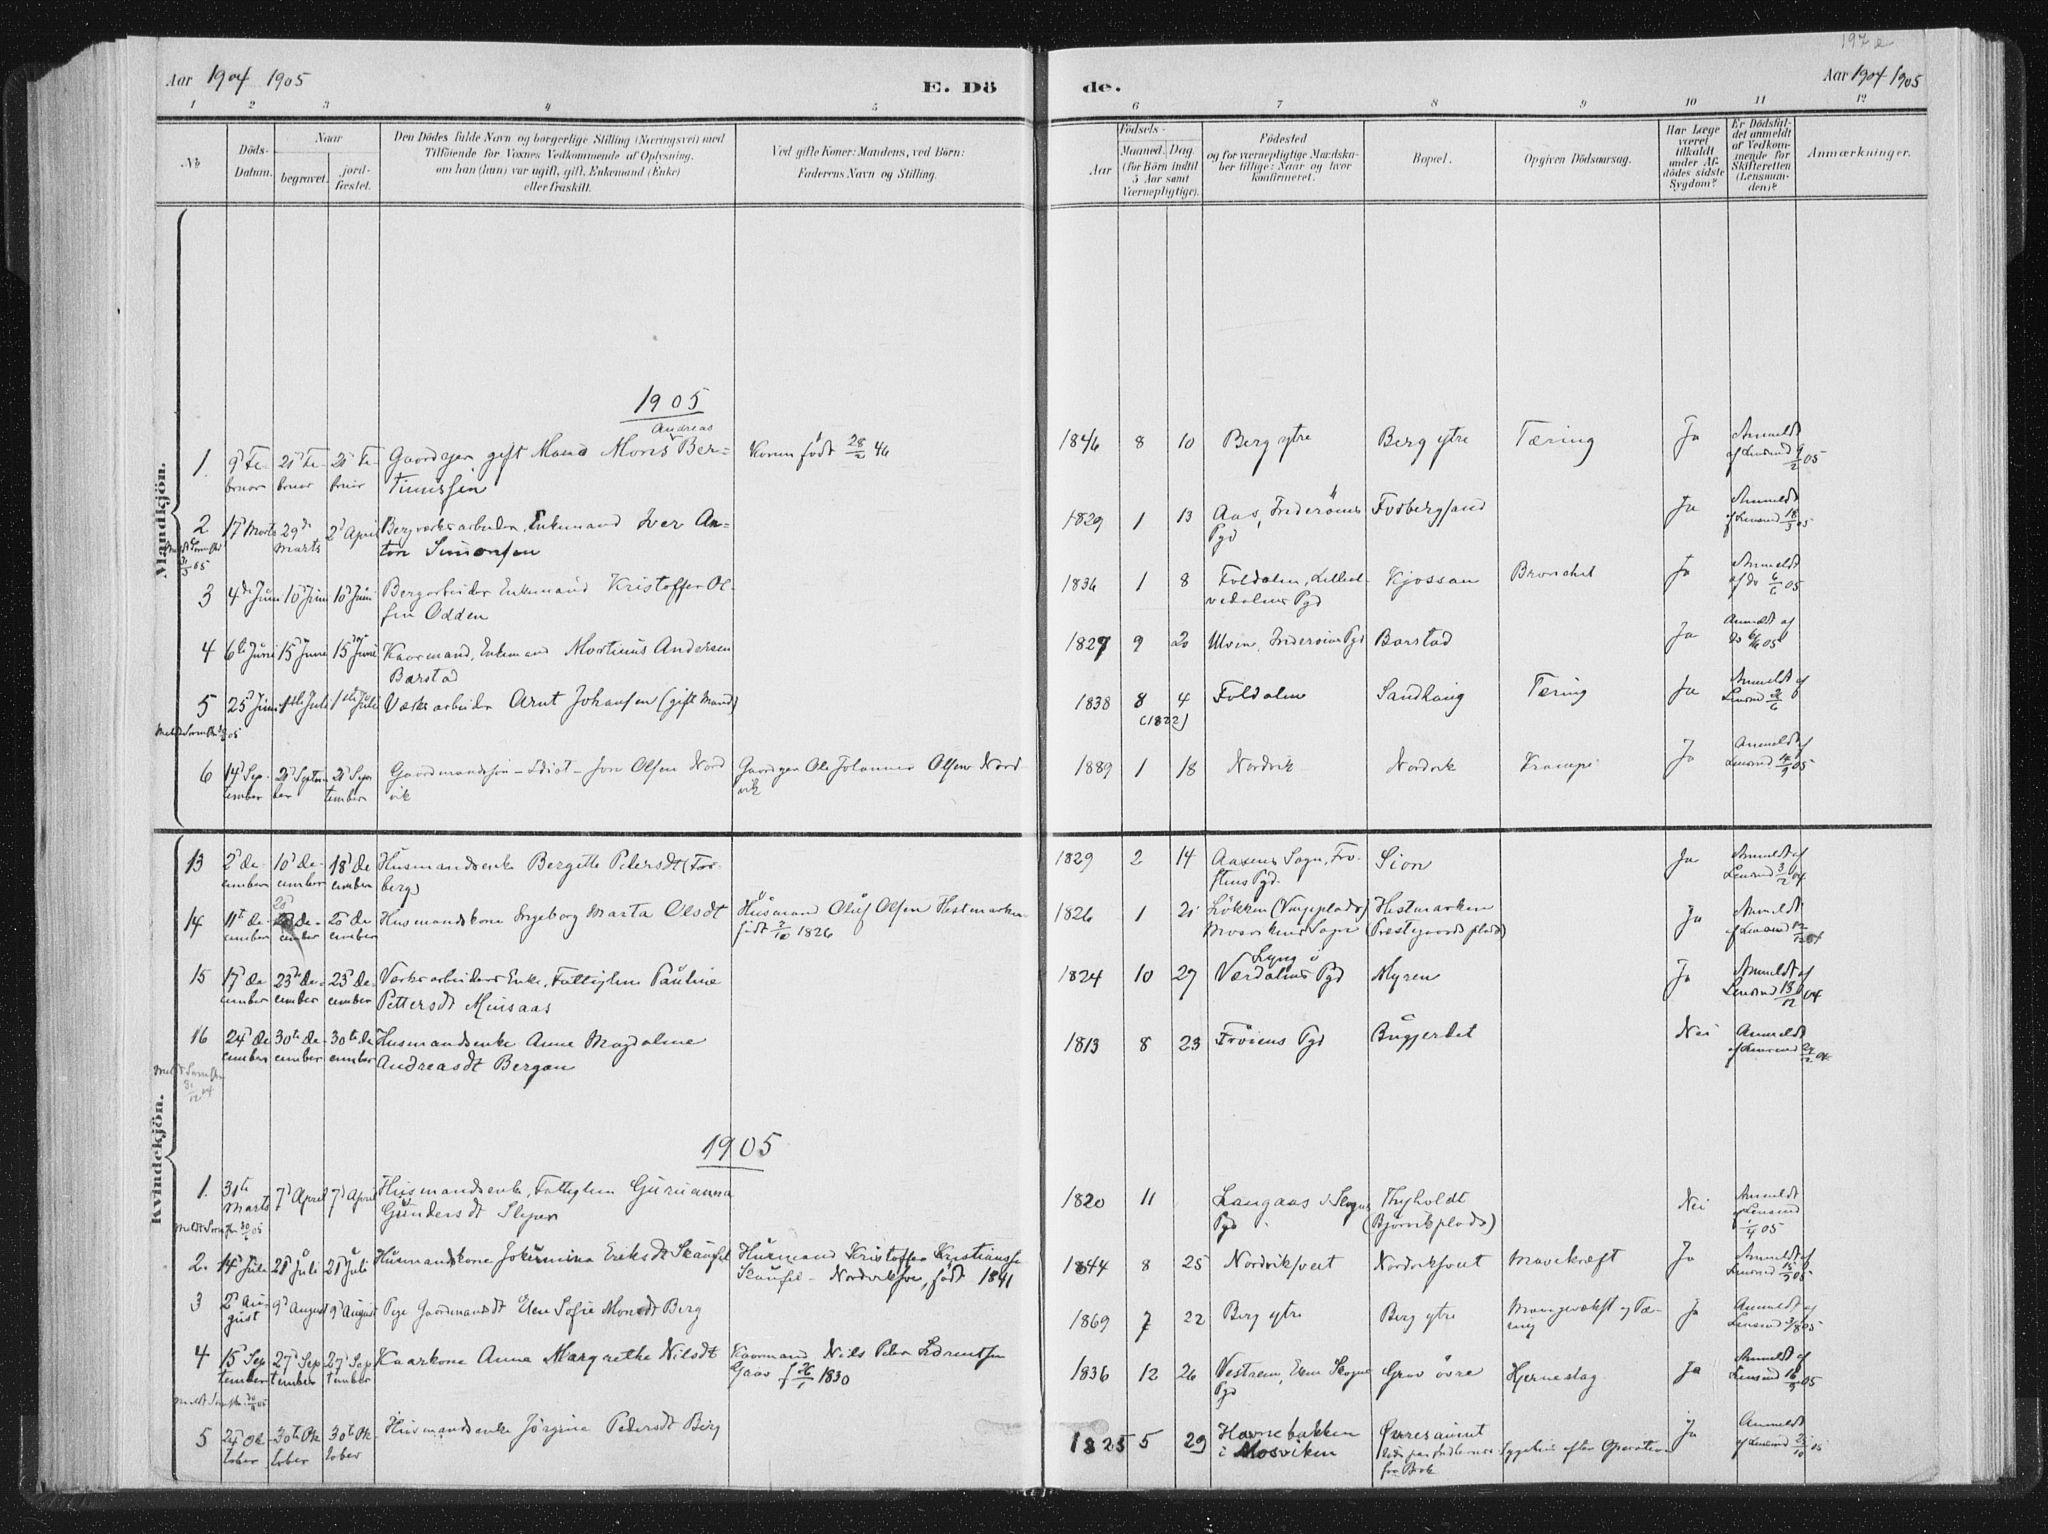 SAT, Ministerialprotokoller, klokkerbøker og fødselsregistre - Nord-Trøndelag, 722/L0220: Ministerialbok nr. 722A07, 1881-1908, s. 197e